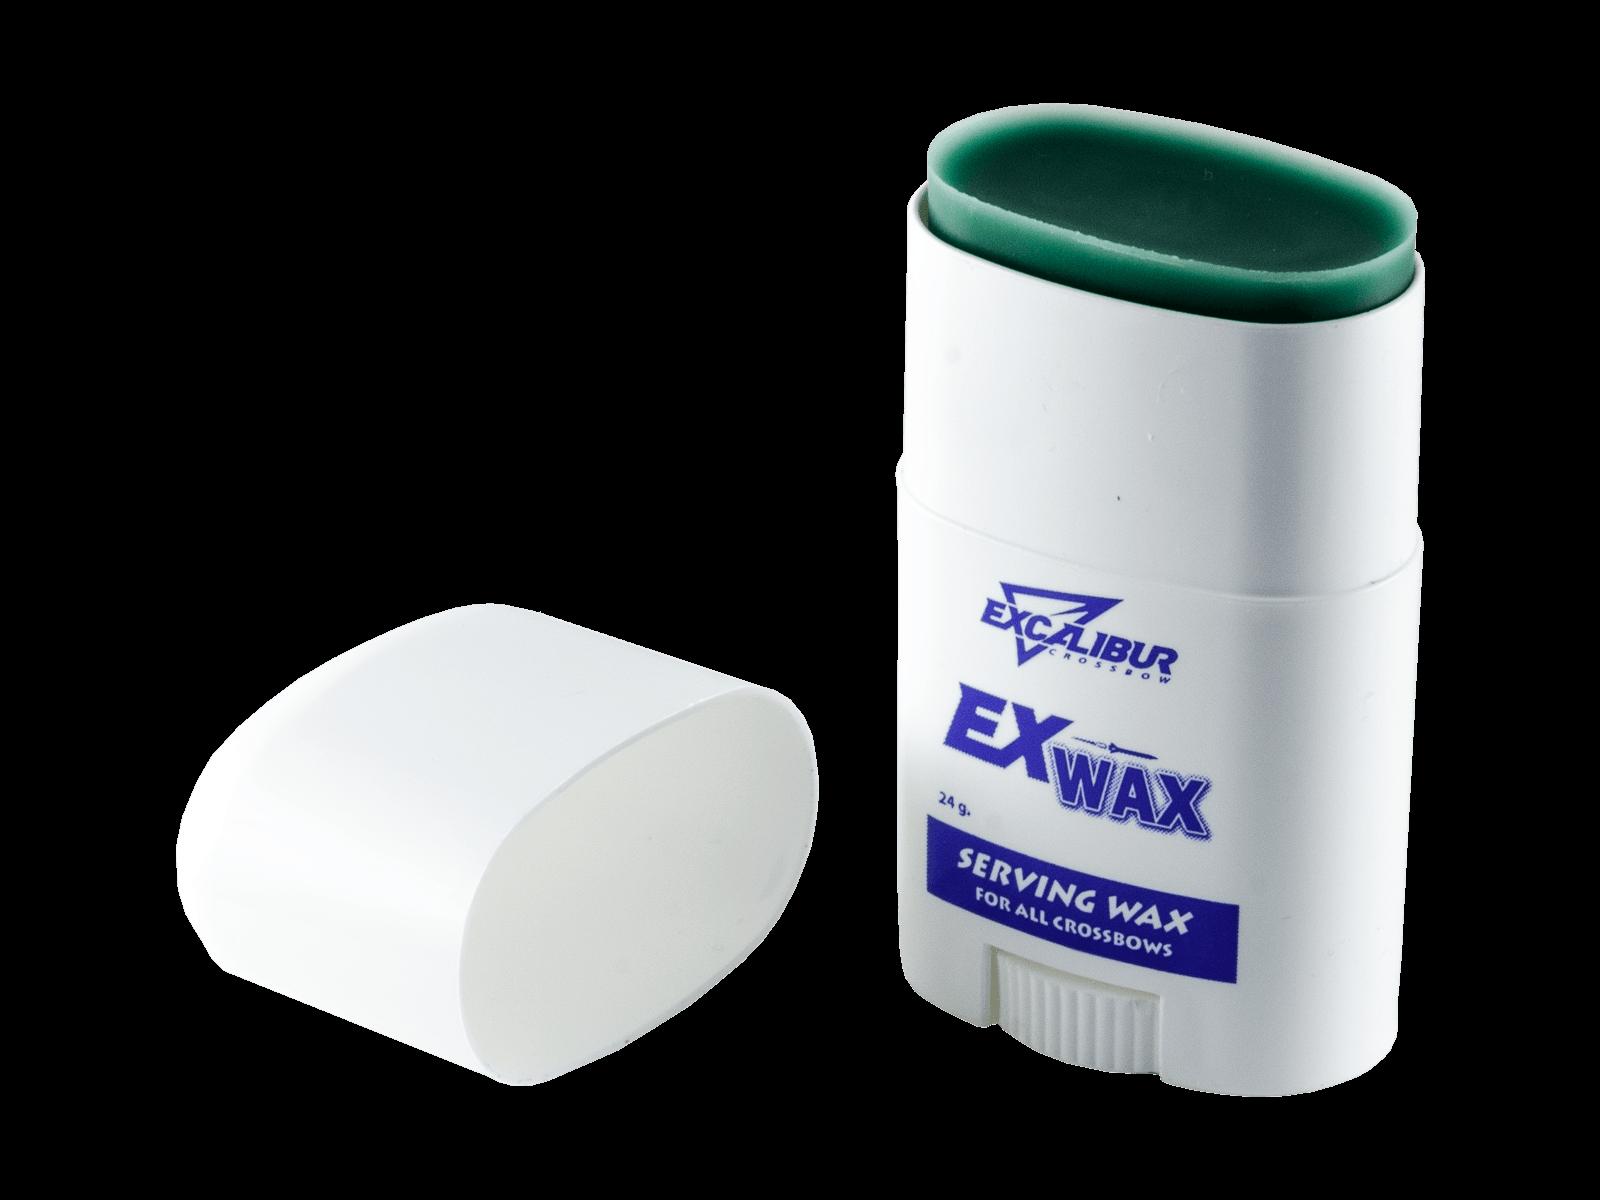 Ex-Wax